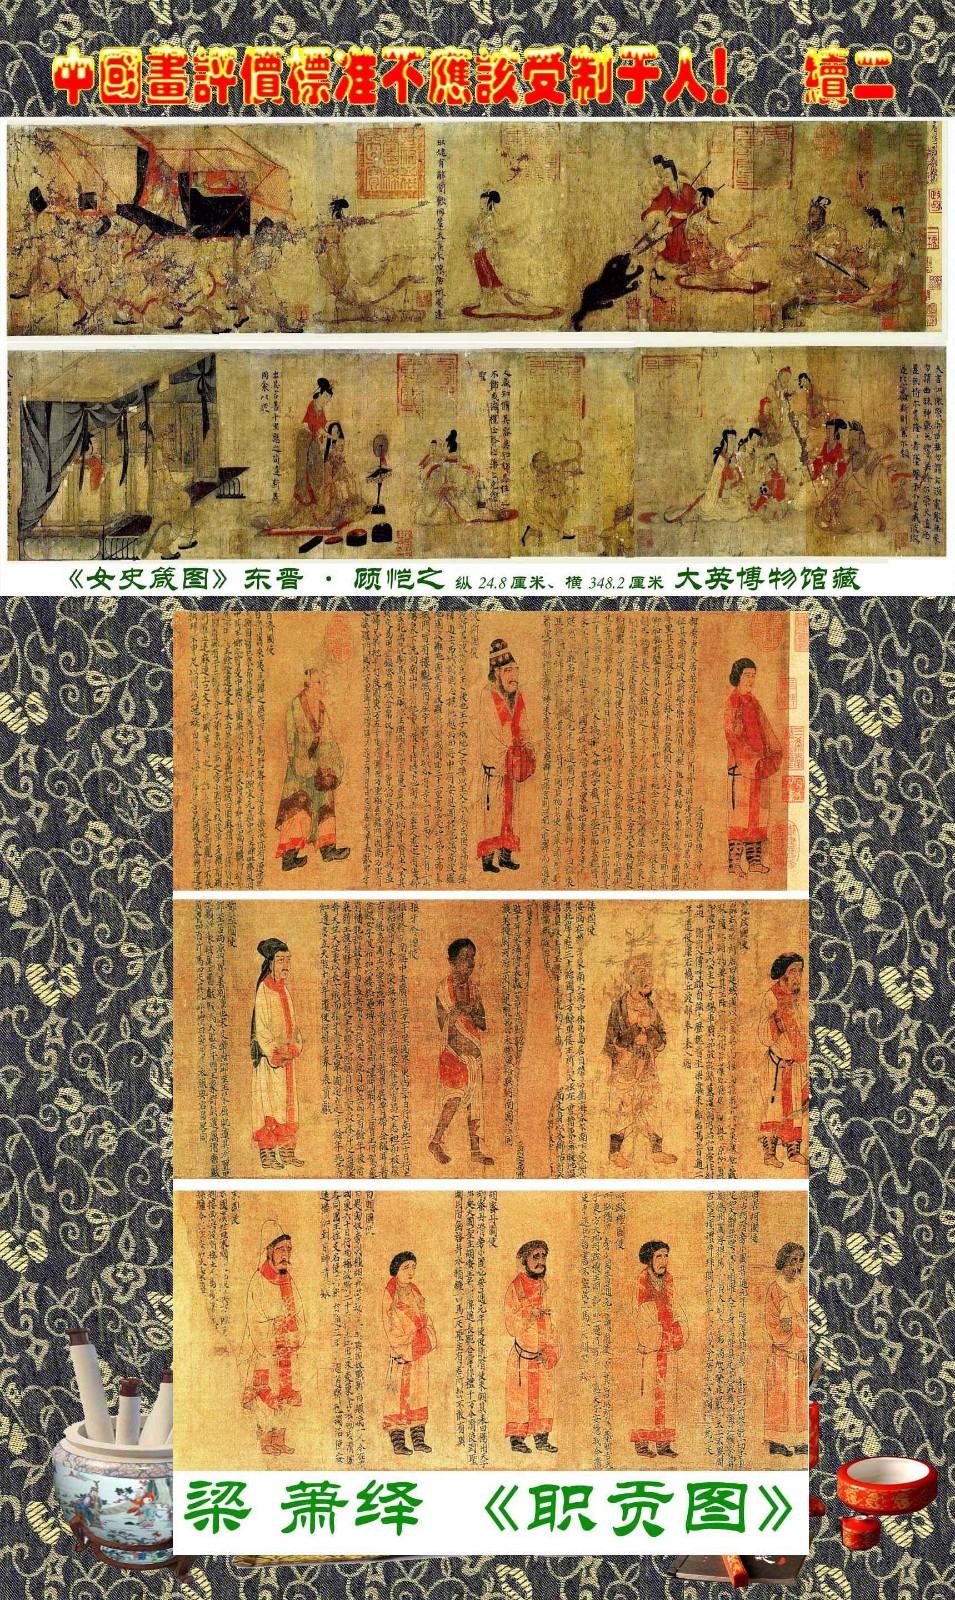 中国画评价标准不应该受制于人!  续二_图1-2